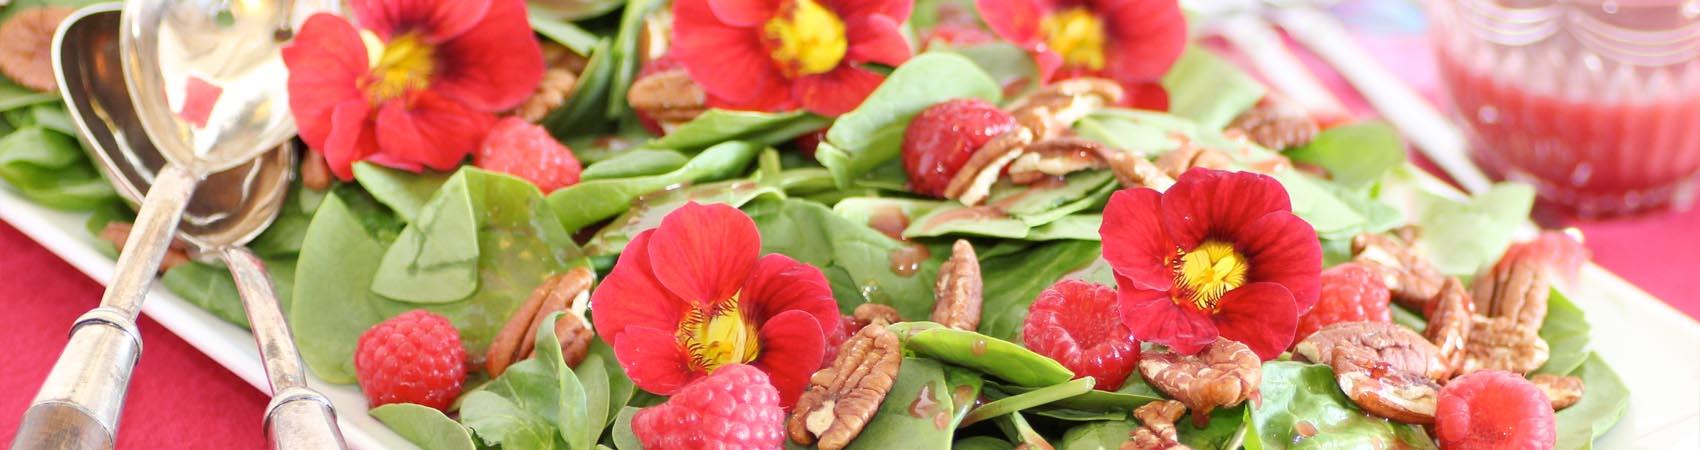 Fiori da mangiare misya magazine for Fiori edibili